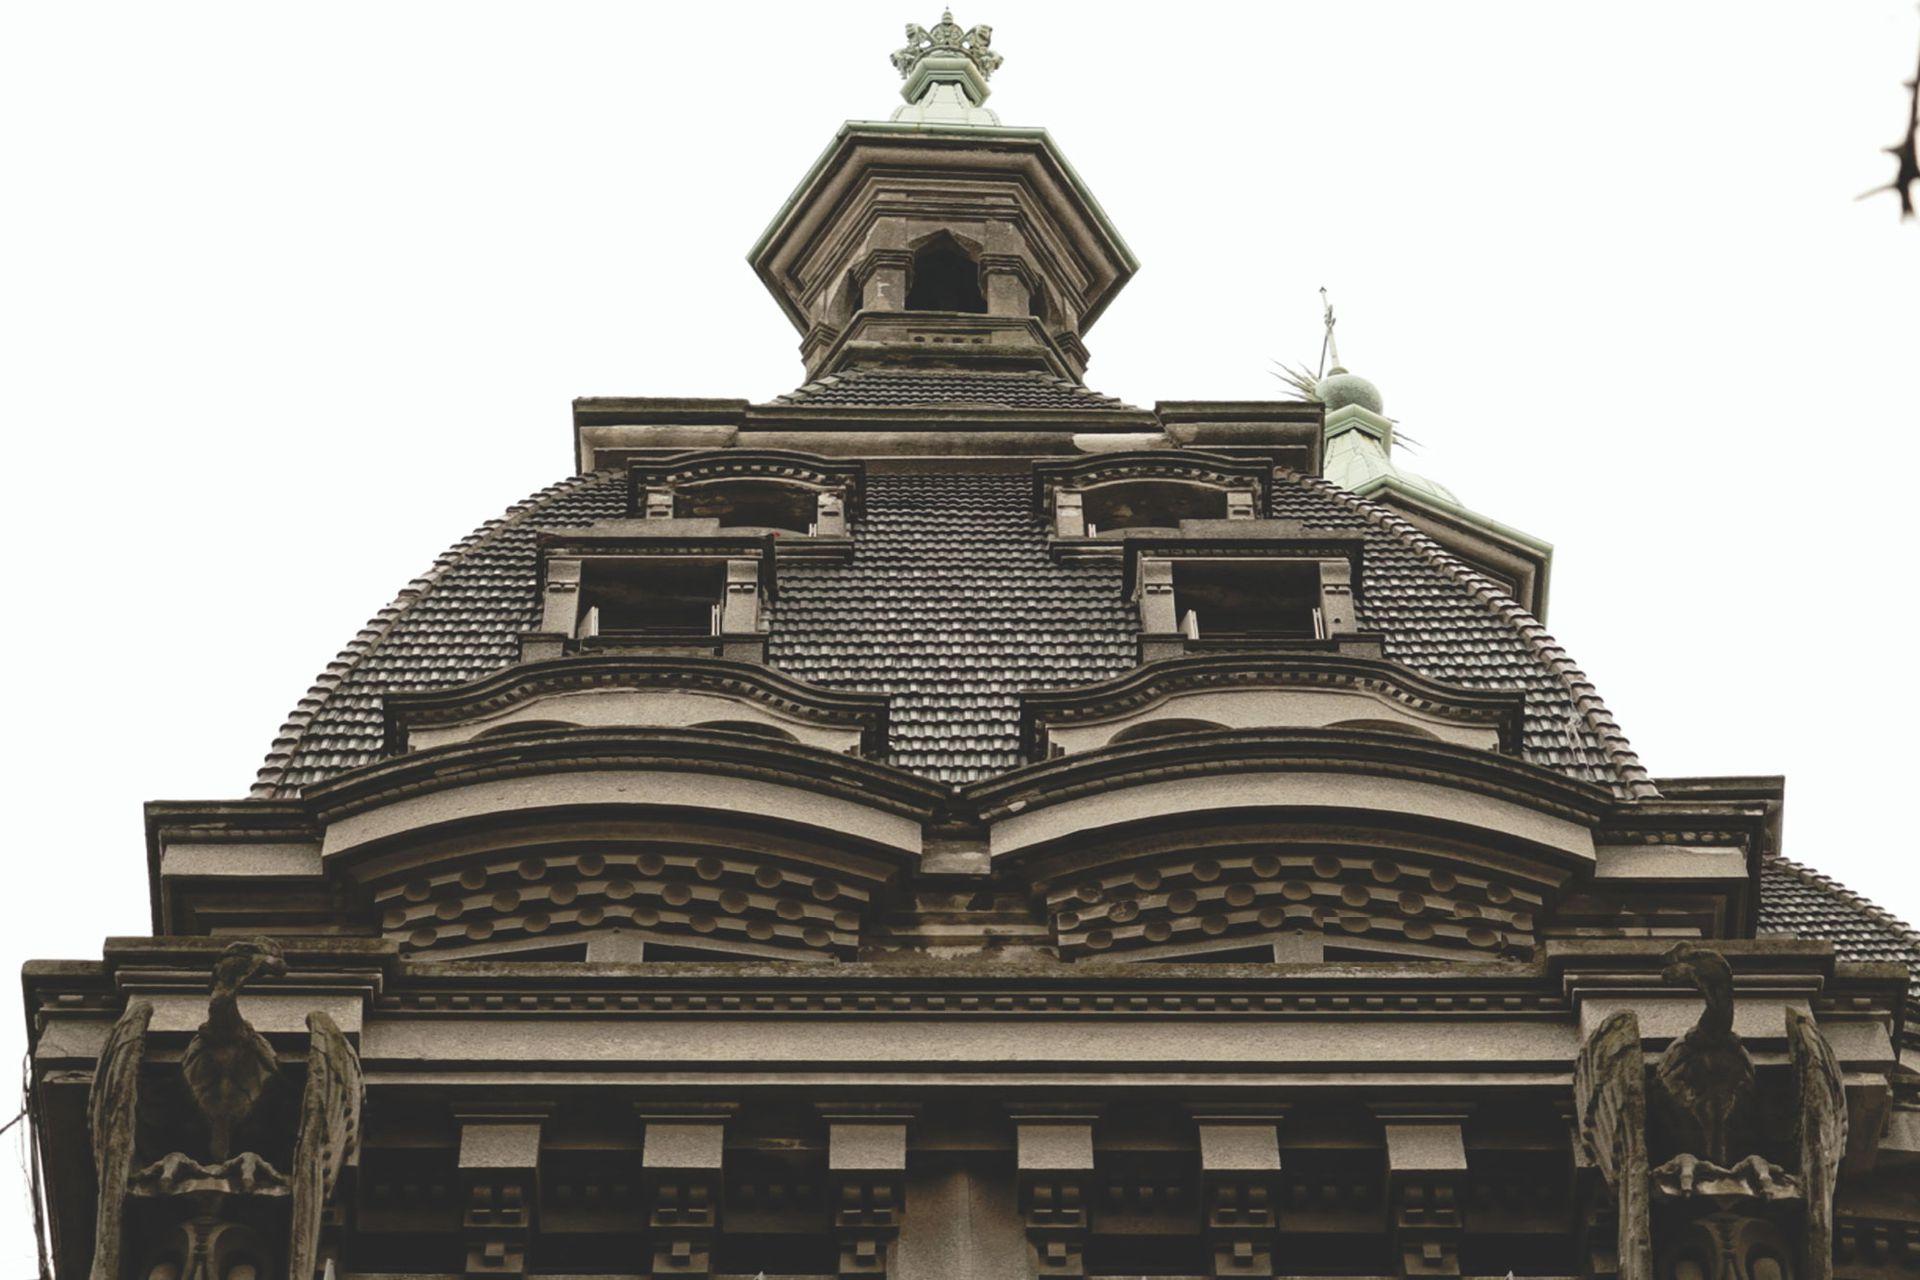 Una simetría apenas rota por el sol de la segunda cúpula.